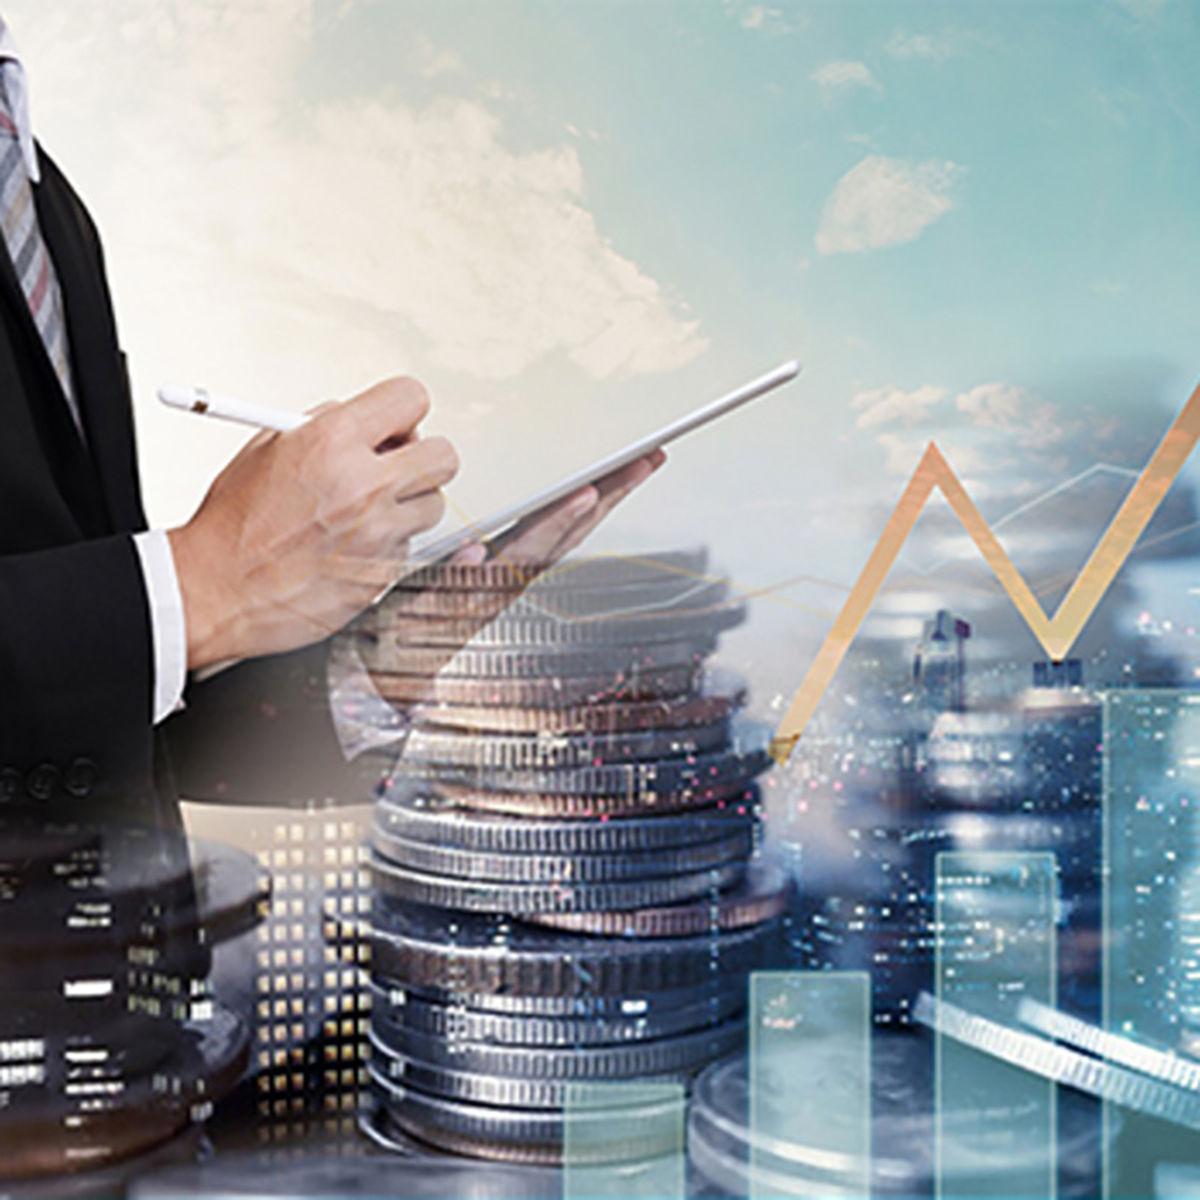 عملکرد ۳ ماه اول سال ۱۴۰۰ تسویه معاملات بازار فیزیکی بورس انرژی